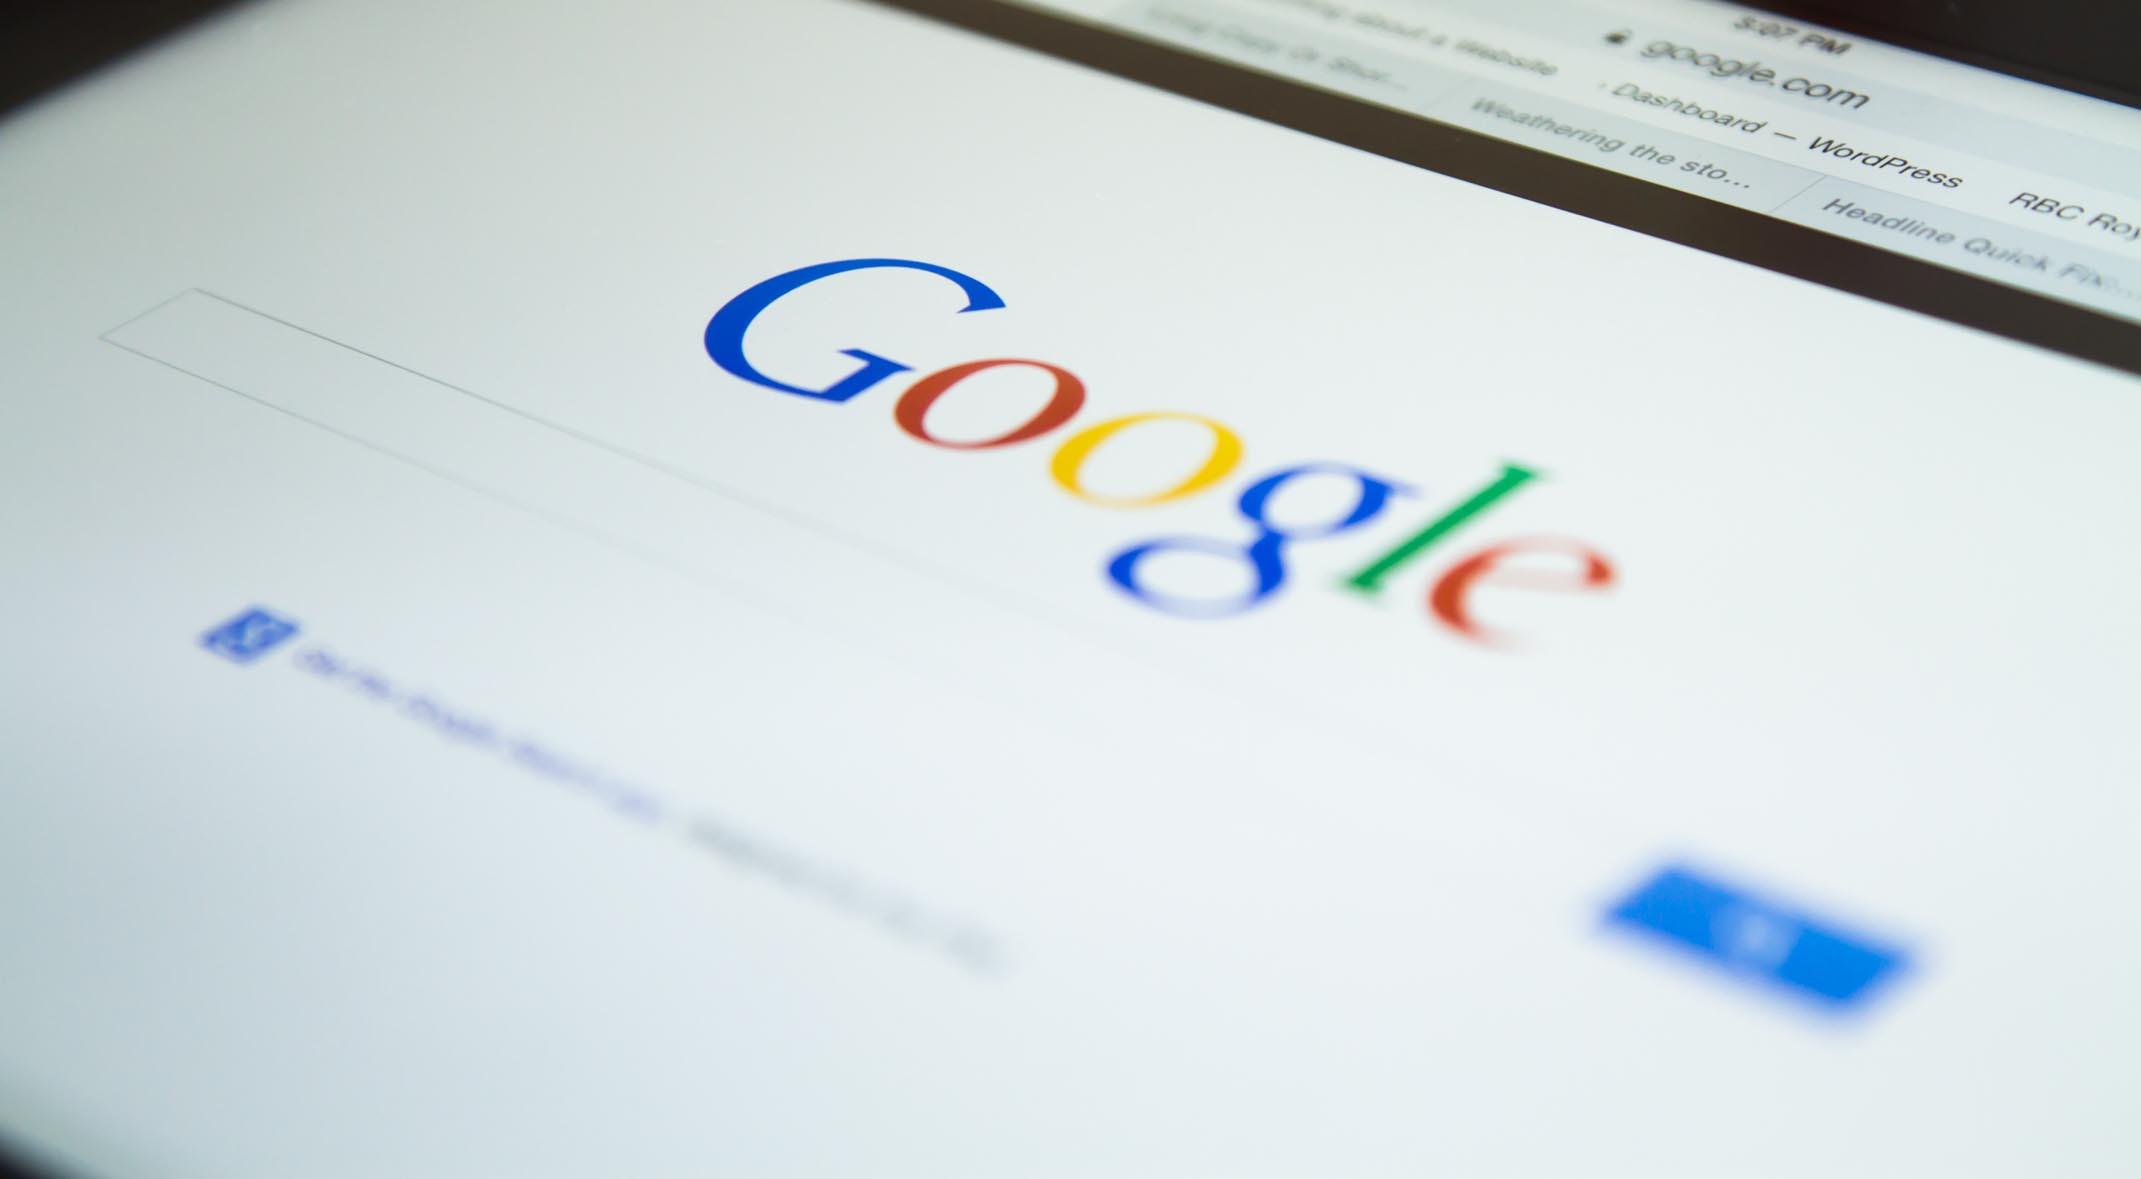 Dicas de SEO - Seus imóveis bem posicionados no Google